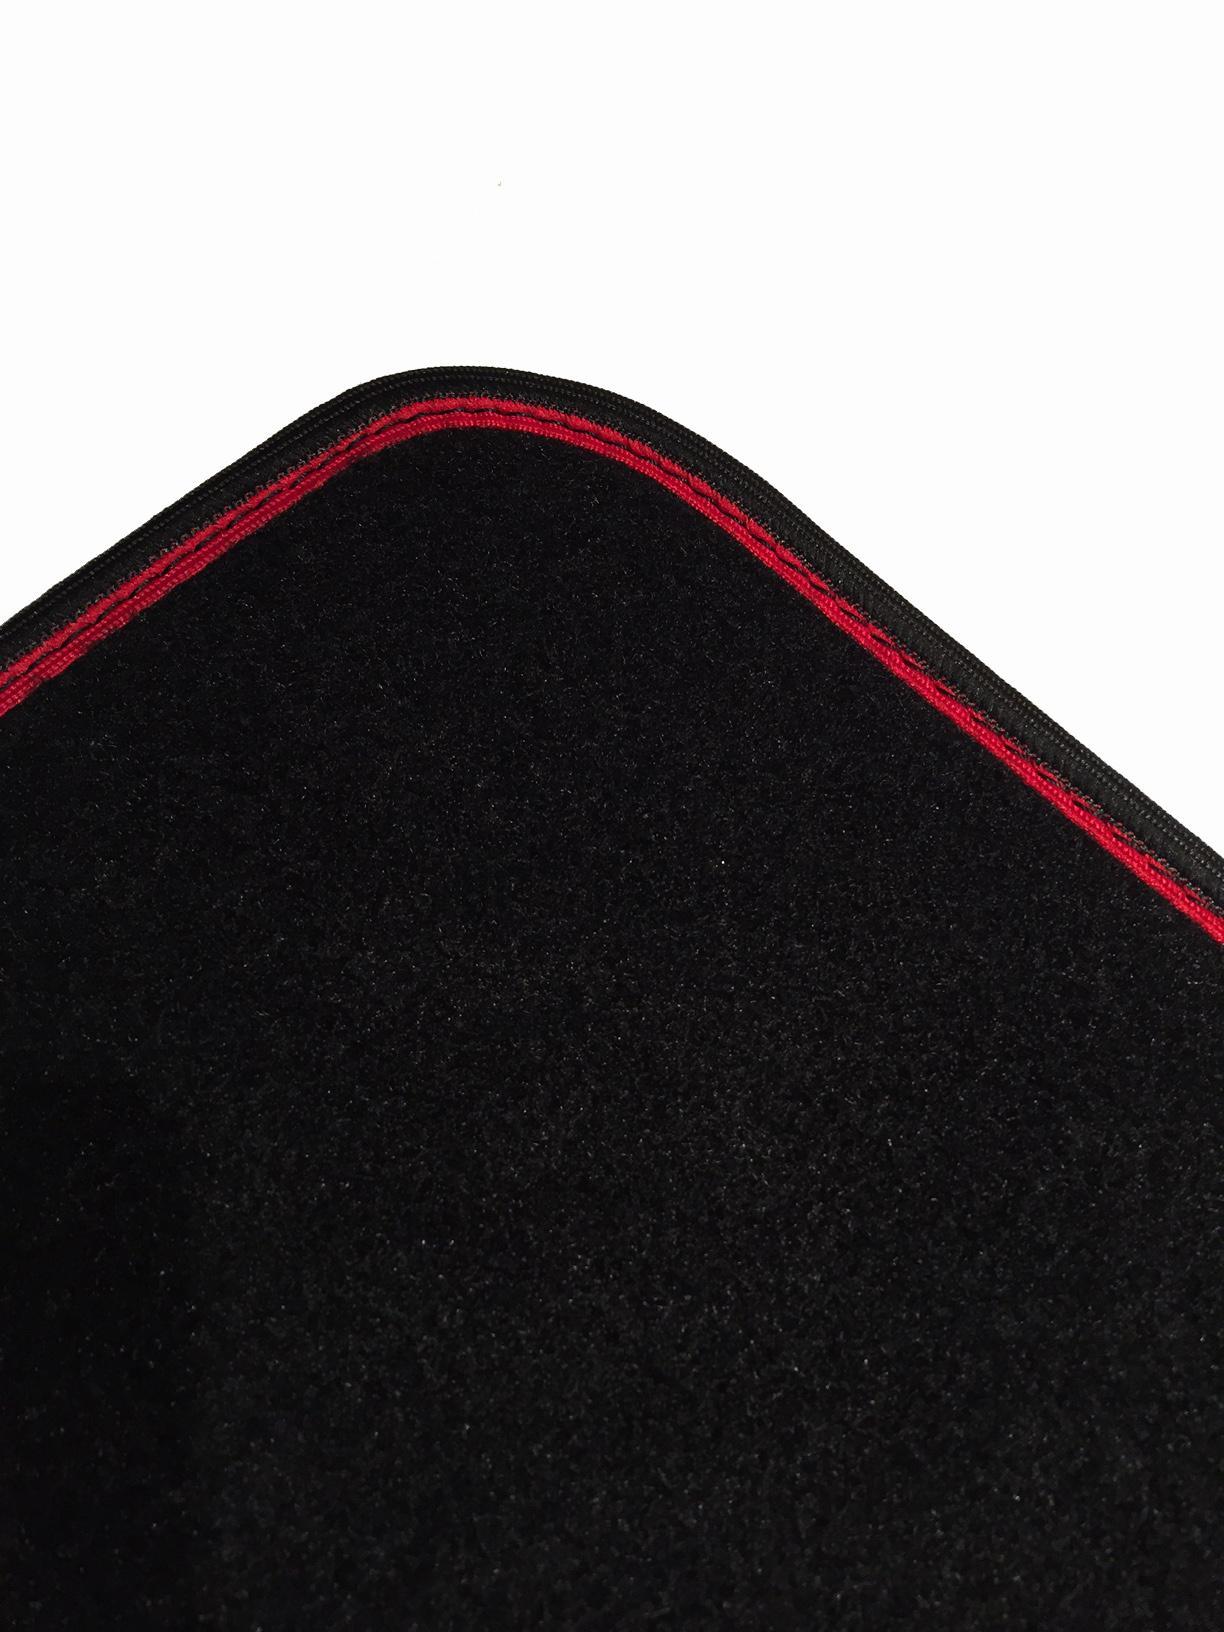 01765761 Fußmattensatz DBS - Unsere Kunden empfehlen